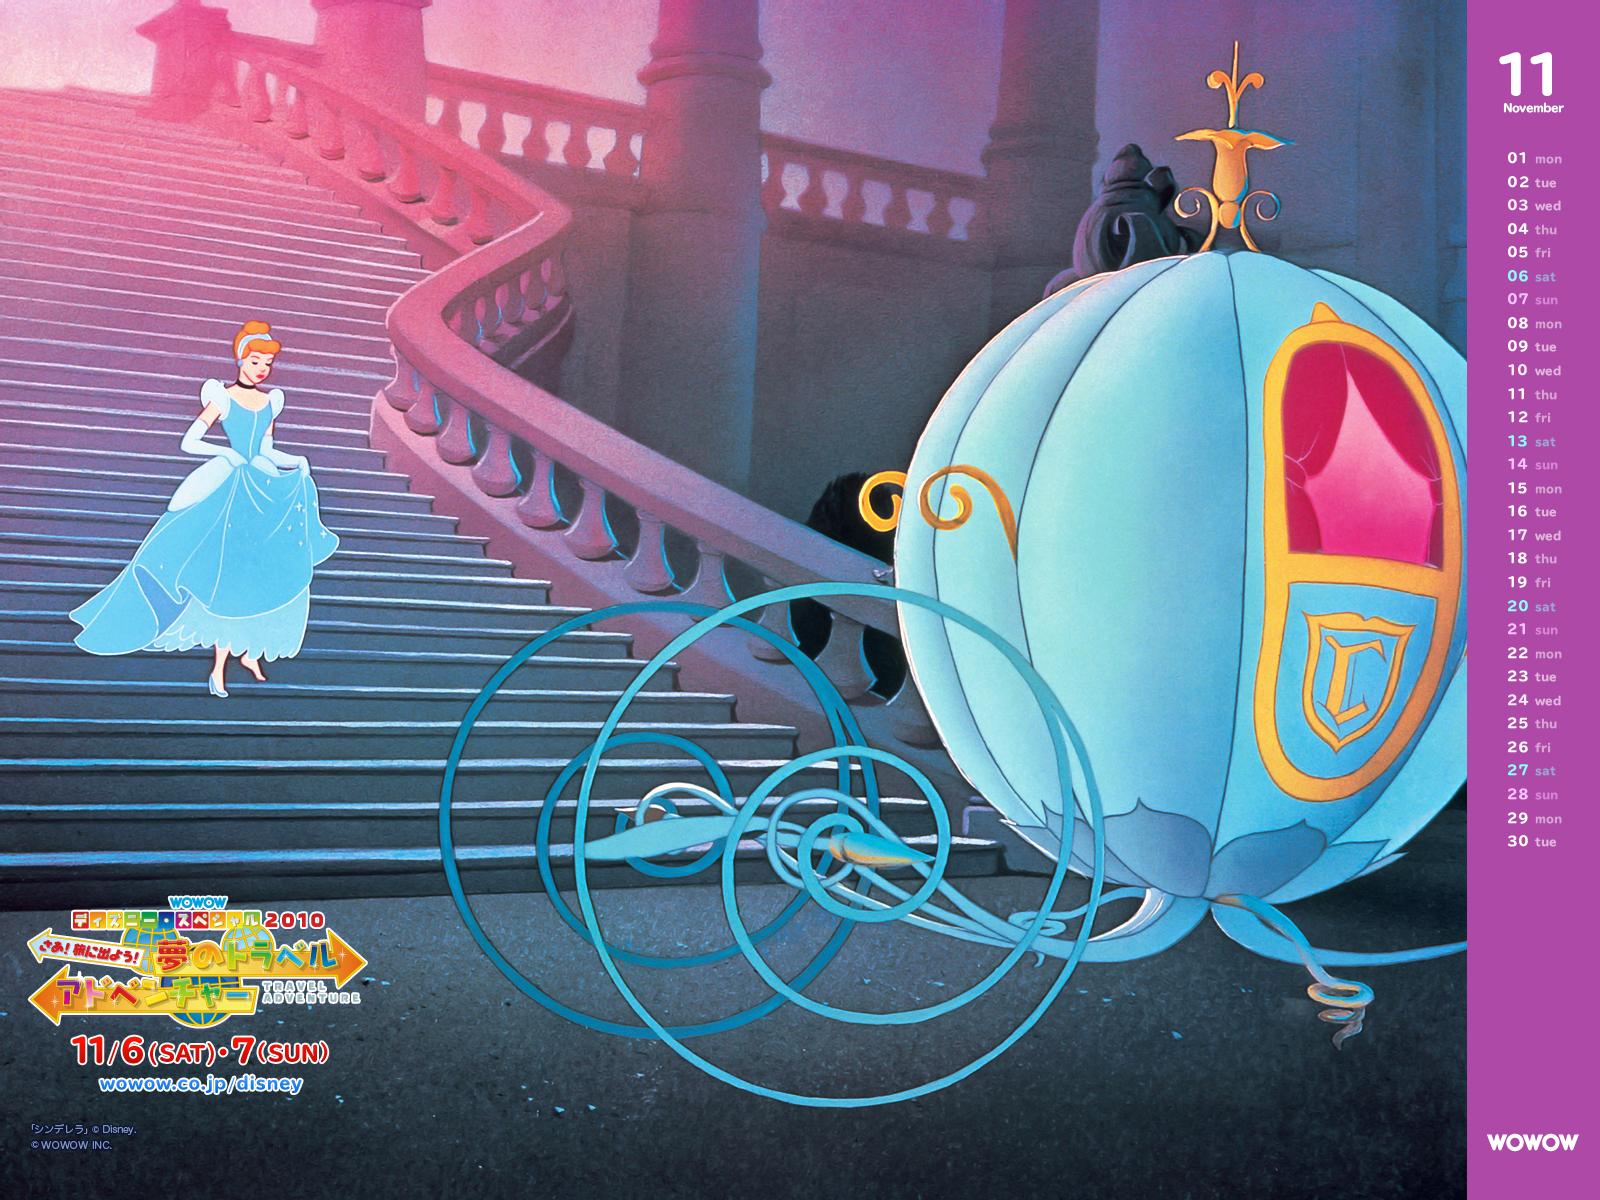 wowowディズニー・スペシャル2010 さぁ!旅に出よう!夢のトラベル